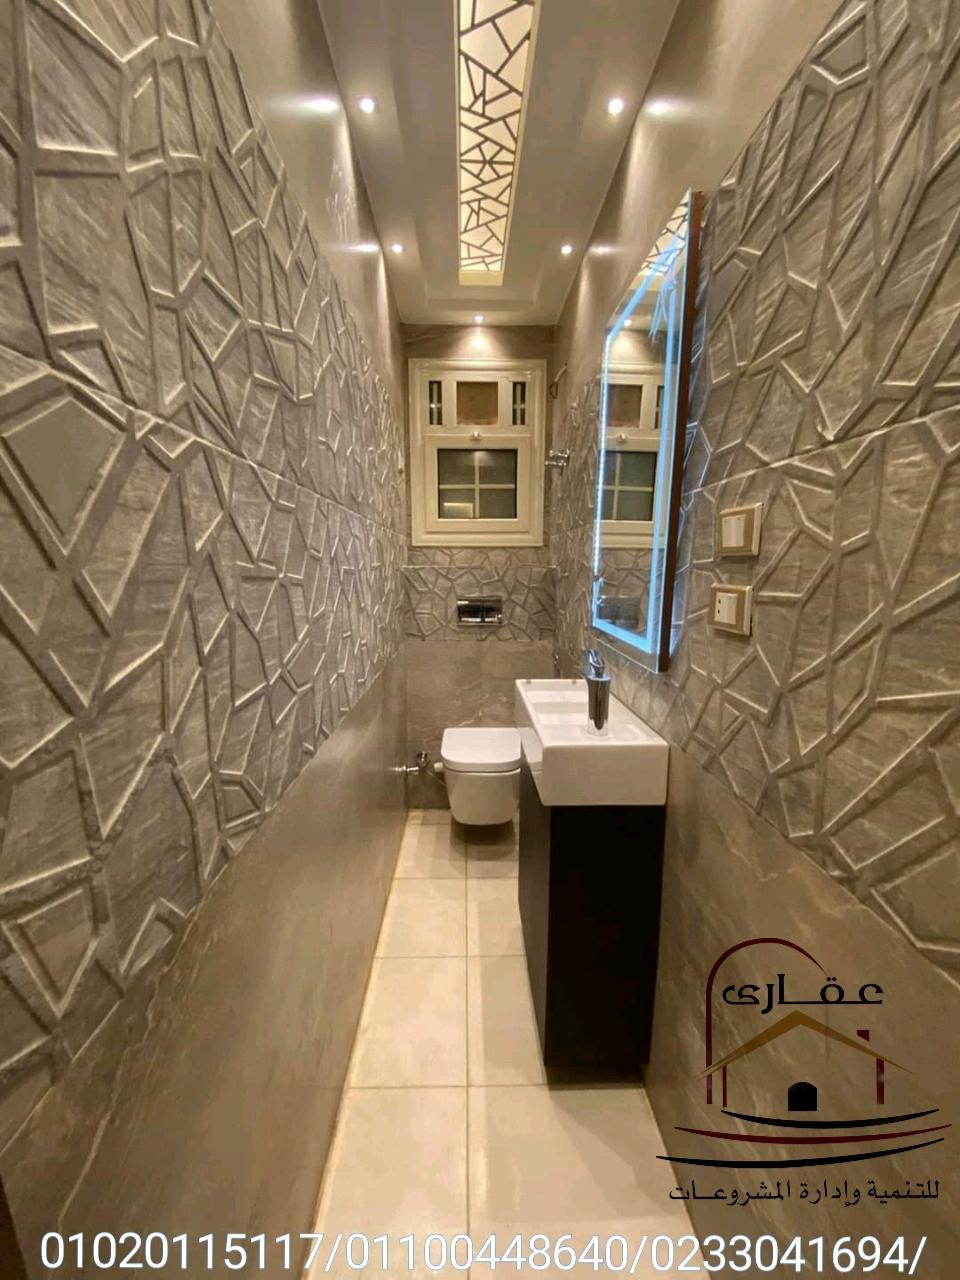 حمامات / افضل الديكورات والتشطيبات للحمامات/ عقارى 01100448640    Whats122